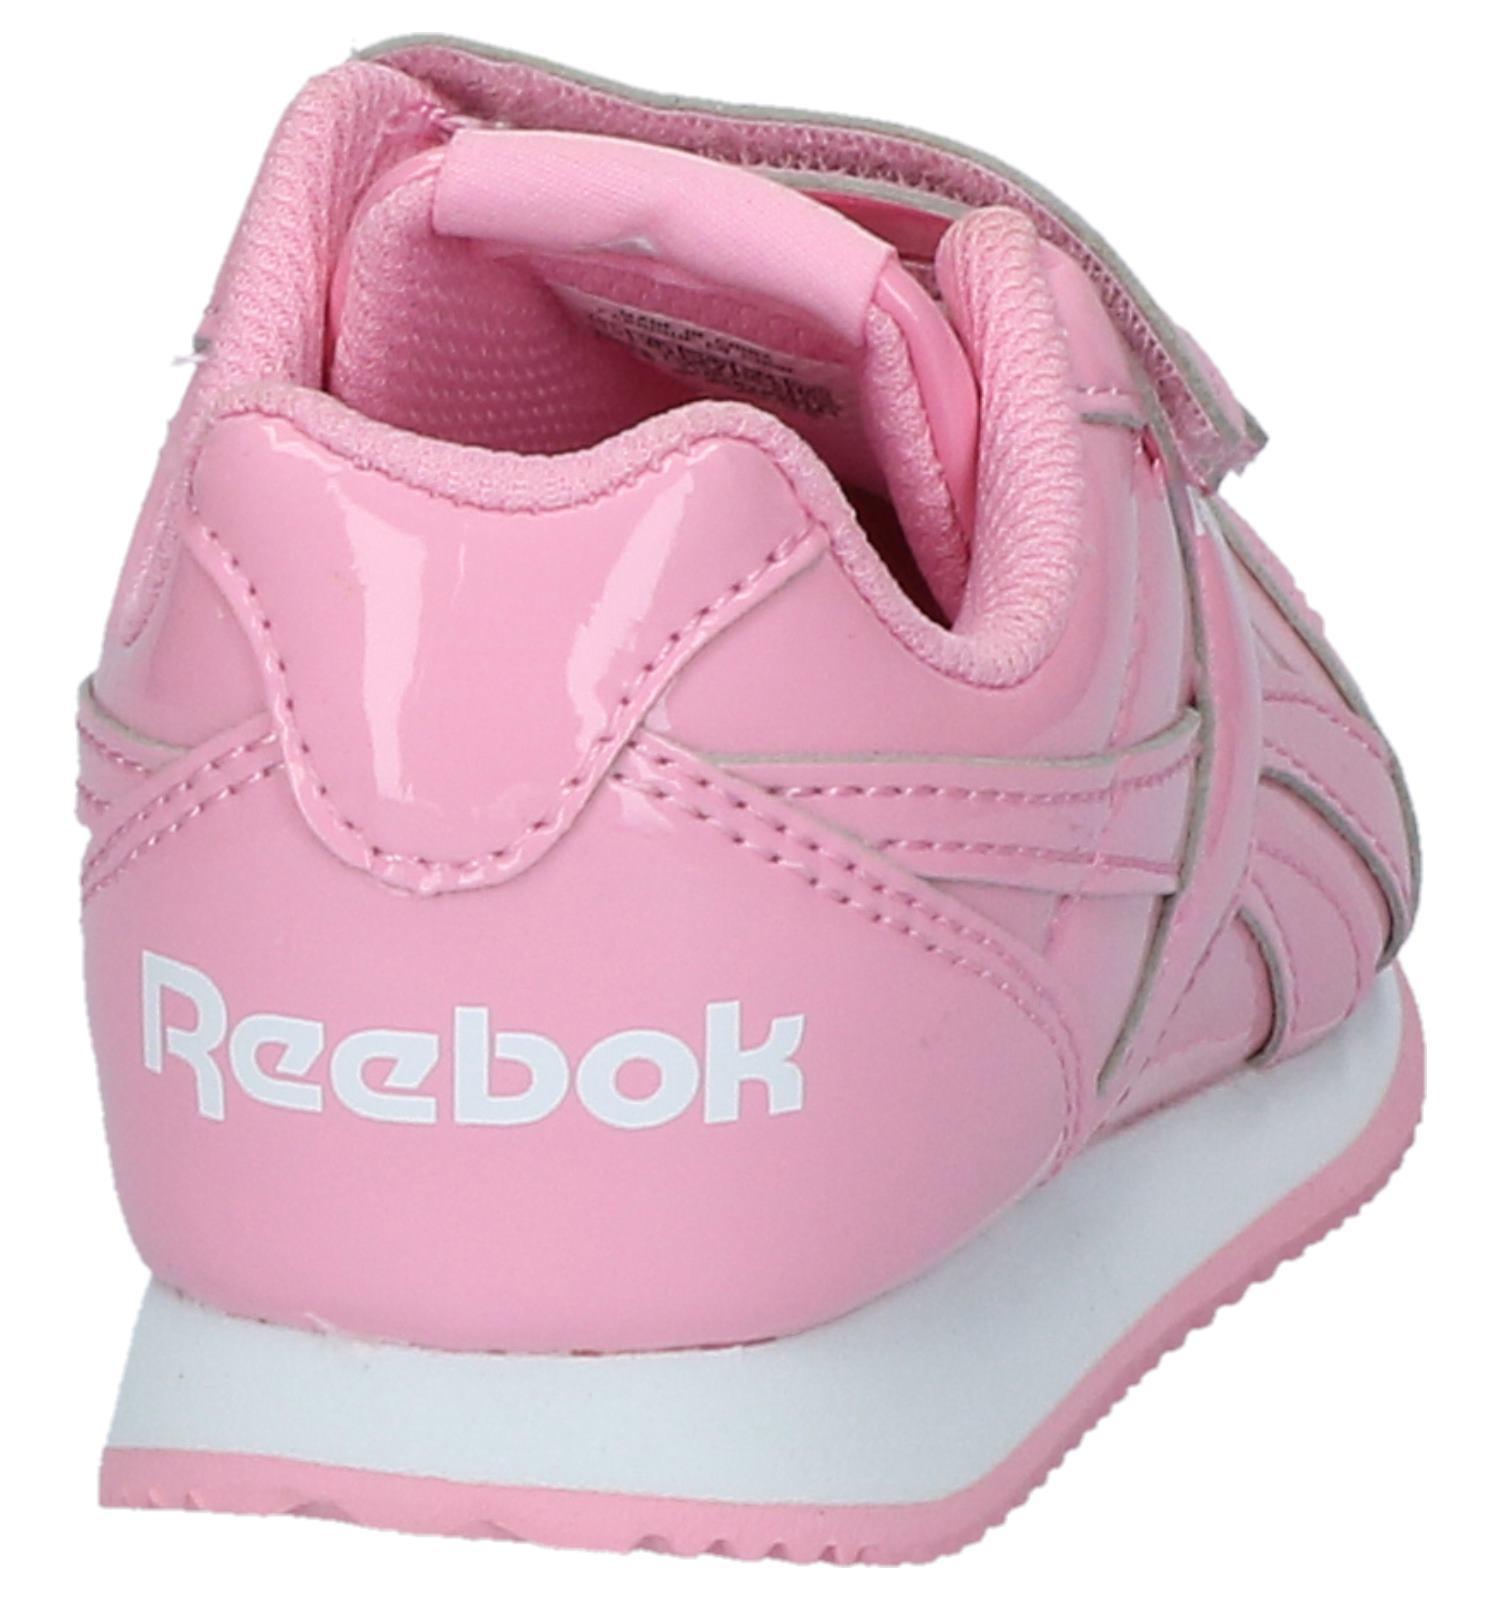 76da0690d8d Reebok Royal Licht Roze Sneakers | TORFS.BE | Gratis verzend en retour